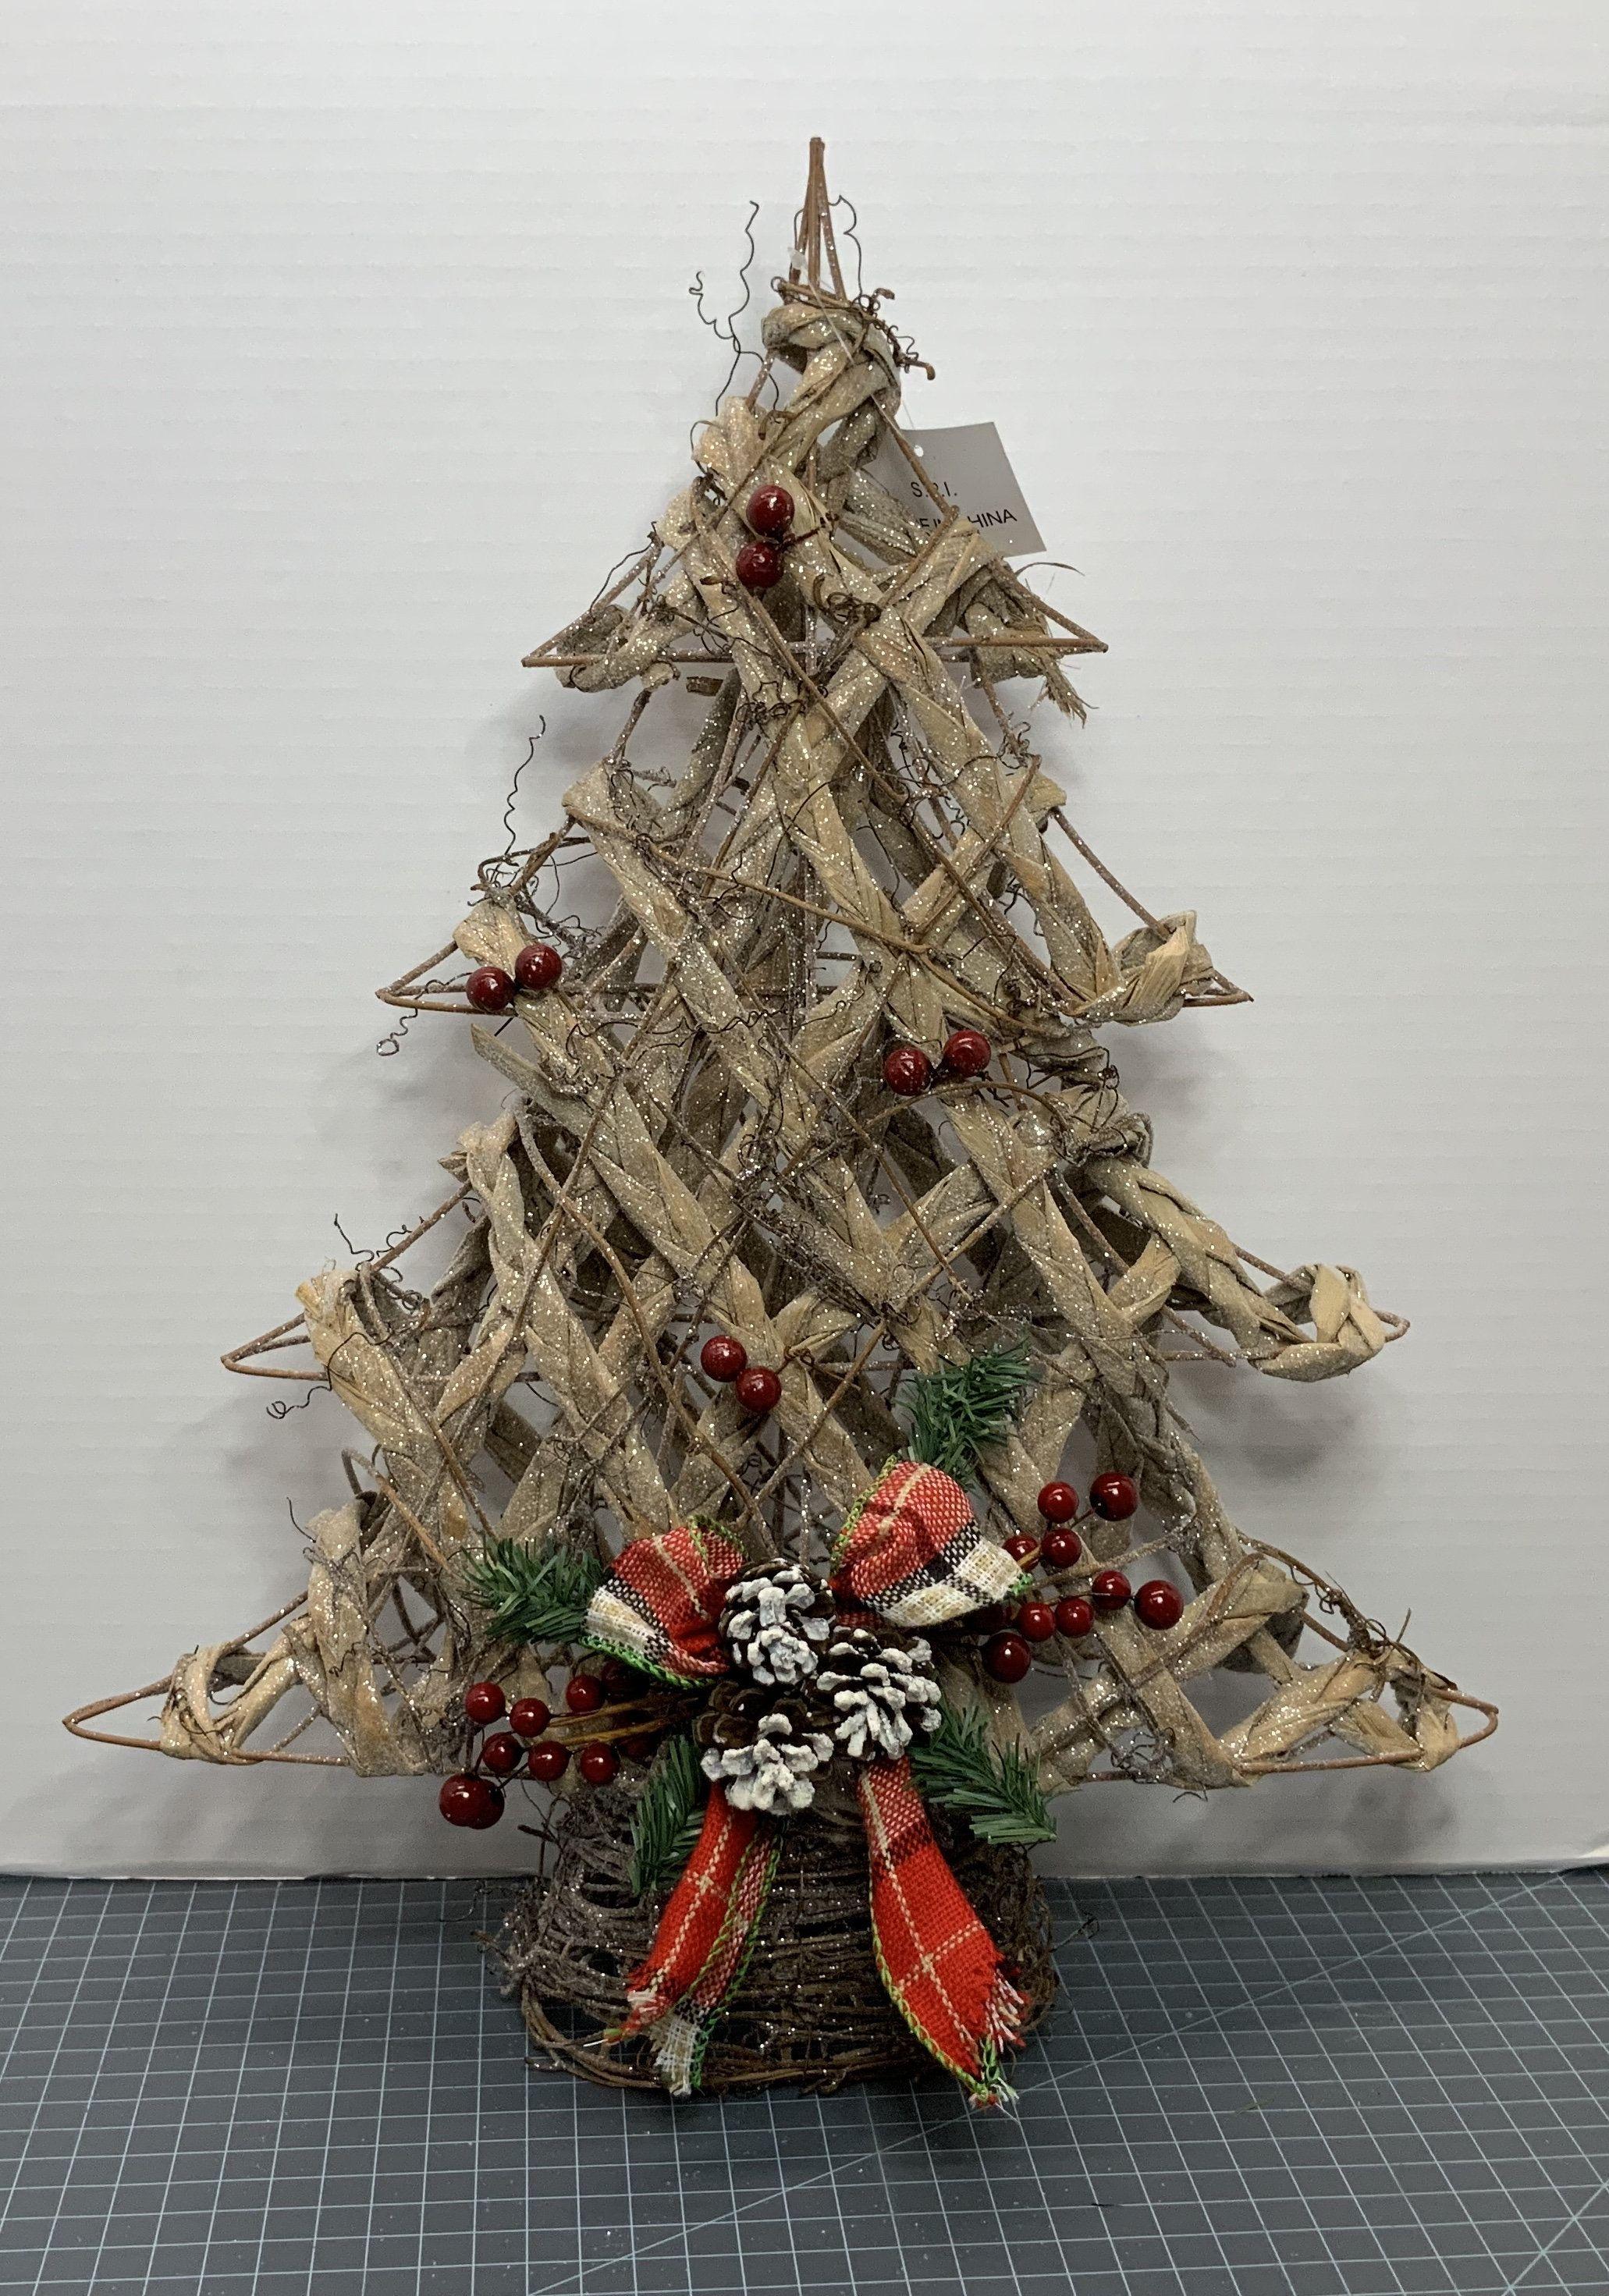 Brown Christmas Tree Christmas Decoration Holiday Decoration Etsy In 2020 Christmas Decorations Holiday Decor Christmas Tree